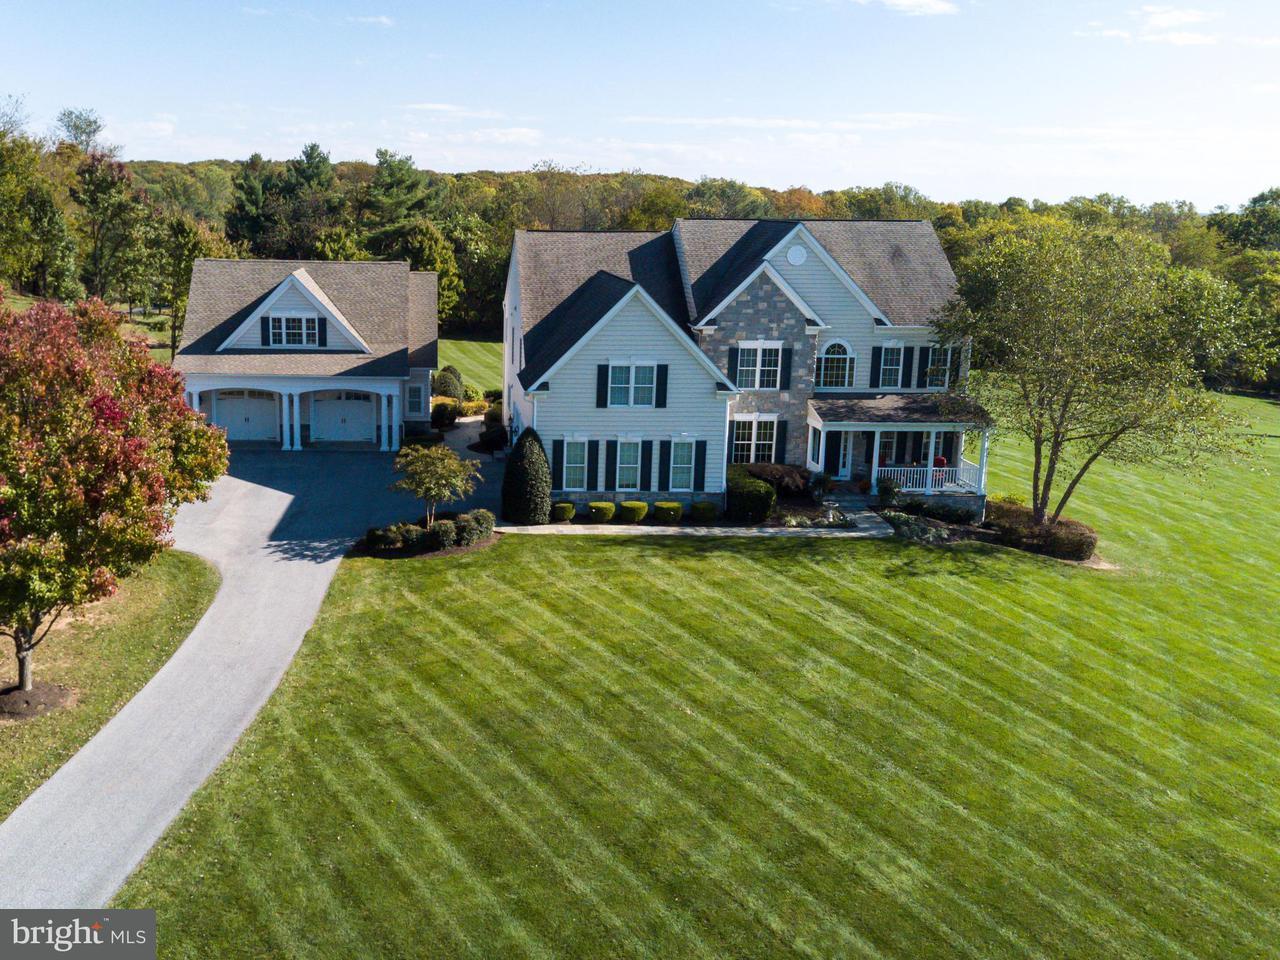 Частный односемейный дом для того Продажа на 1781 Long Corner Road 1781 Long Corner Road Mount Airy, Мэриленд 21771 Соединенные Штаты